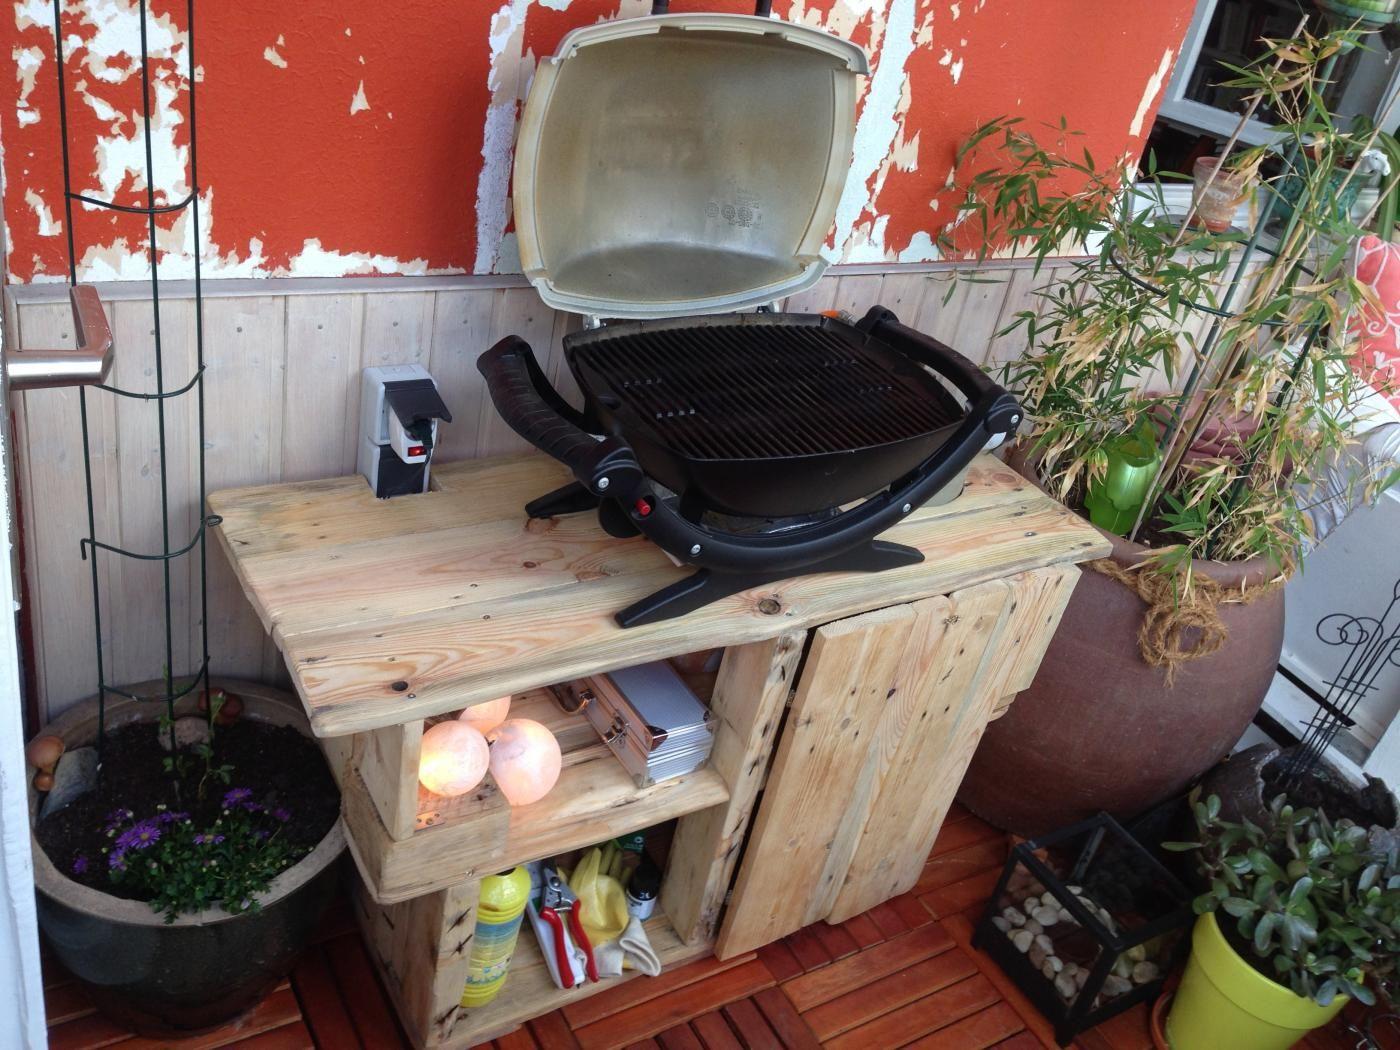 Outdoorküche Klappbar Preisvergleich : Outdoor küche fertig kaufen gartentisch holz klappbar klapptisch